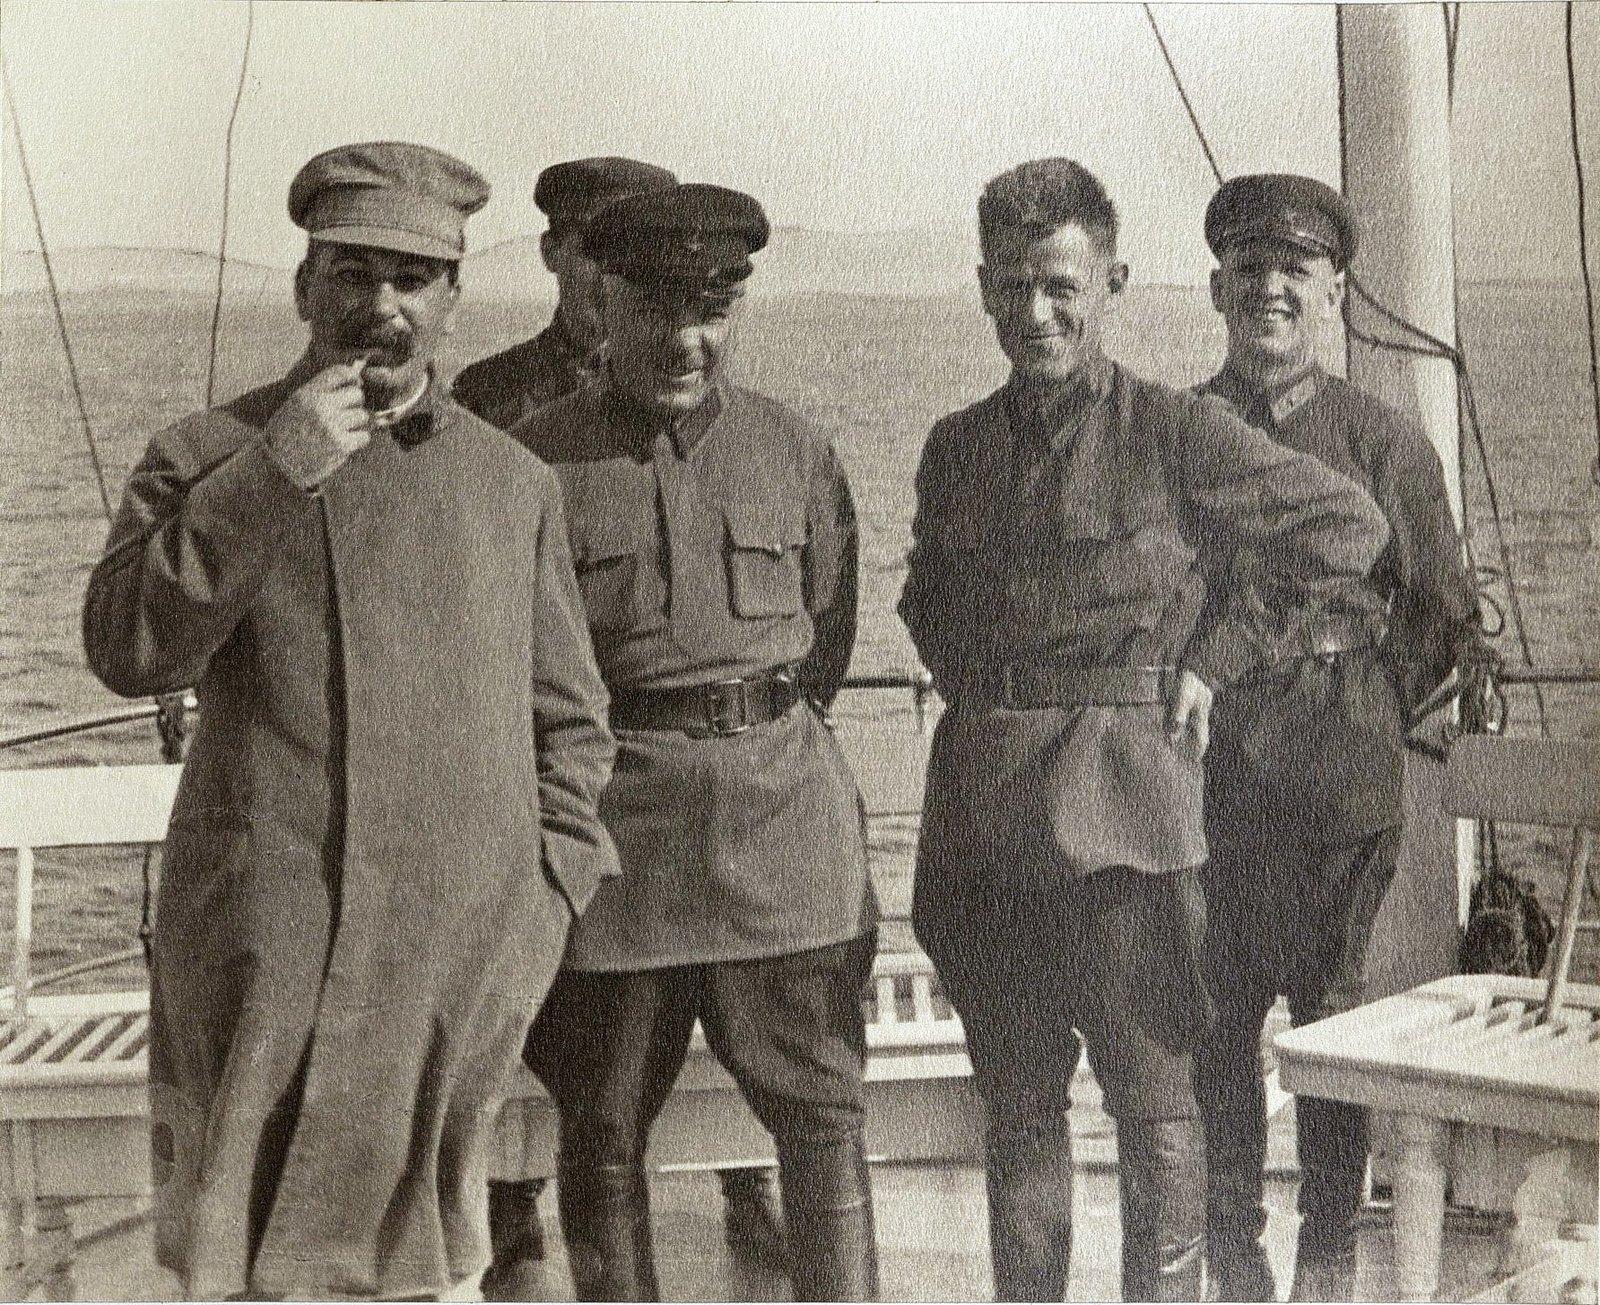 40. И.В. Сталин, К.Е. Ворошилов с сотрудниками охраны на теплоходе. Август 1933